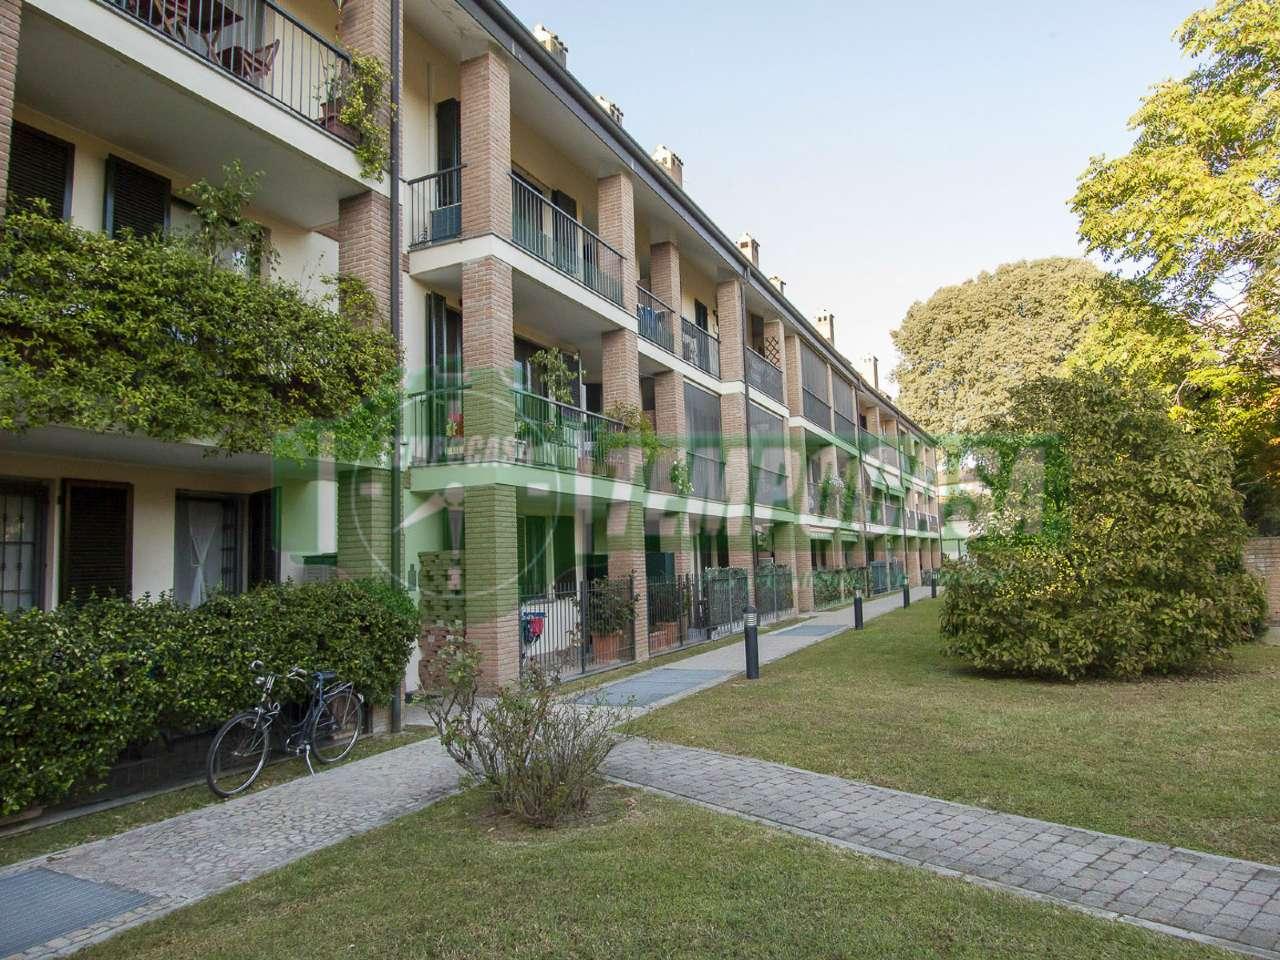 Appartamento in vendita a Settimo Milanese, 2 locali, prezzo € 120.000 | CambioCasa.it